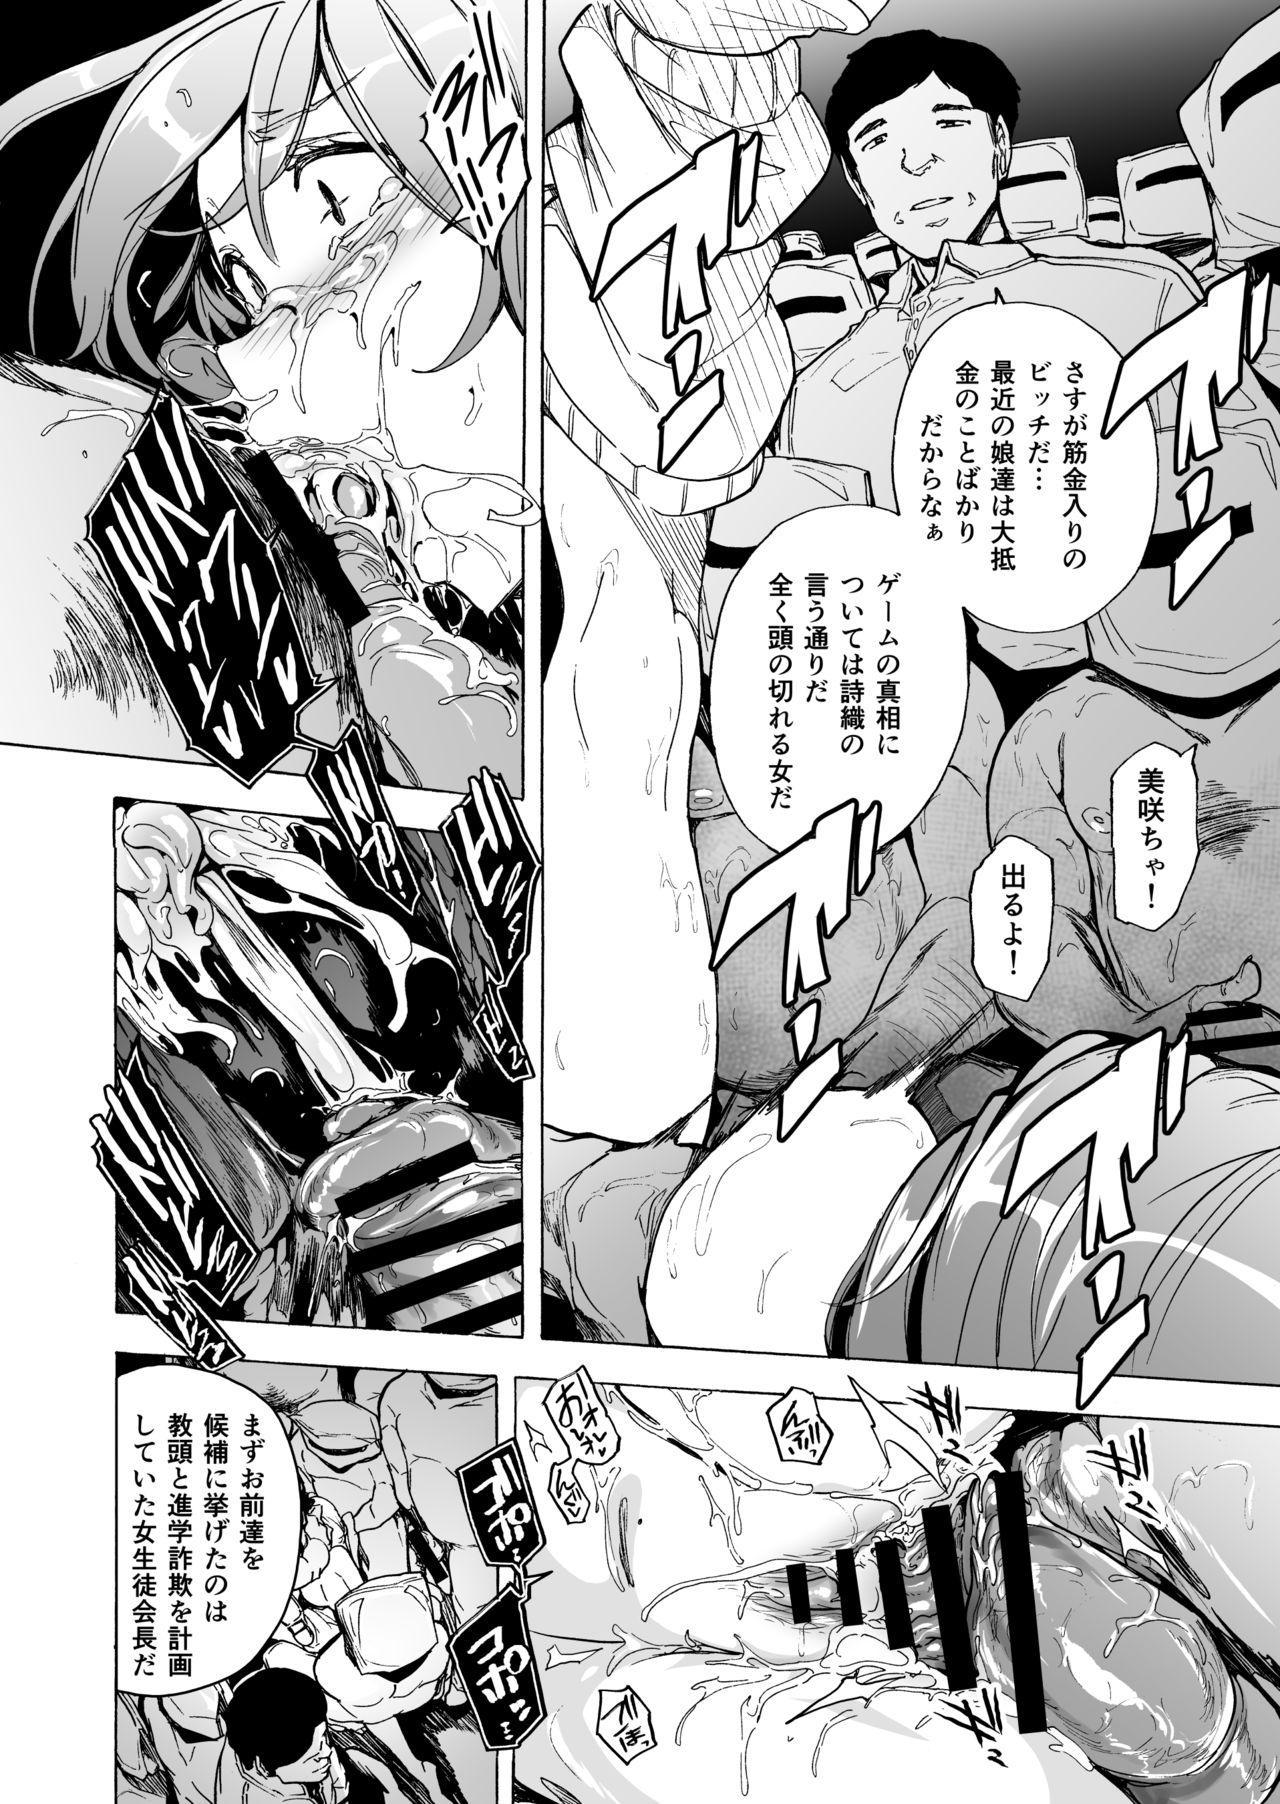 ゲームオブビッチーズ第6話 9